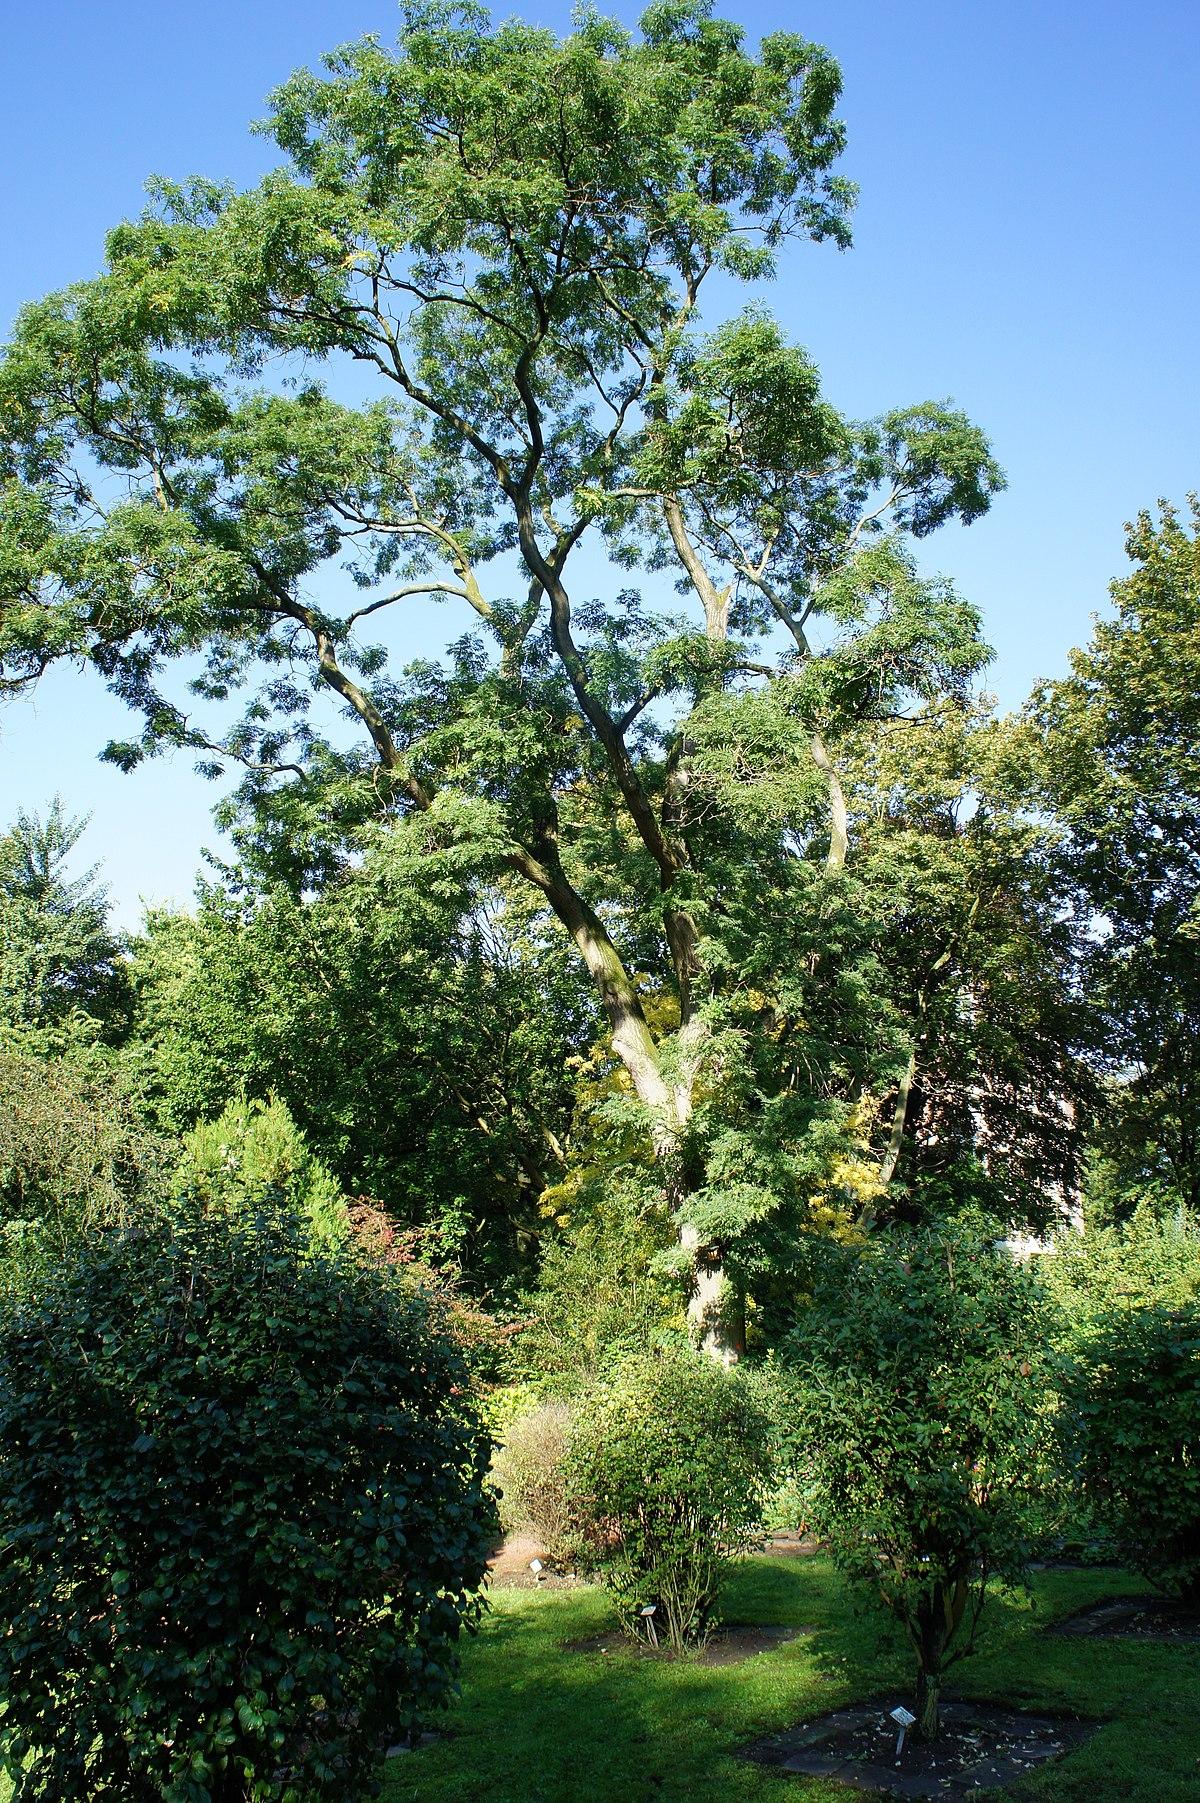 Botanischer Garten Italien Gardasee: Botanischer Garten Kaiserberg